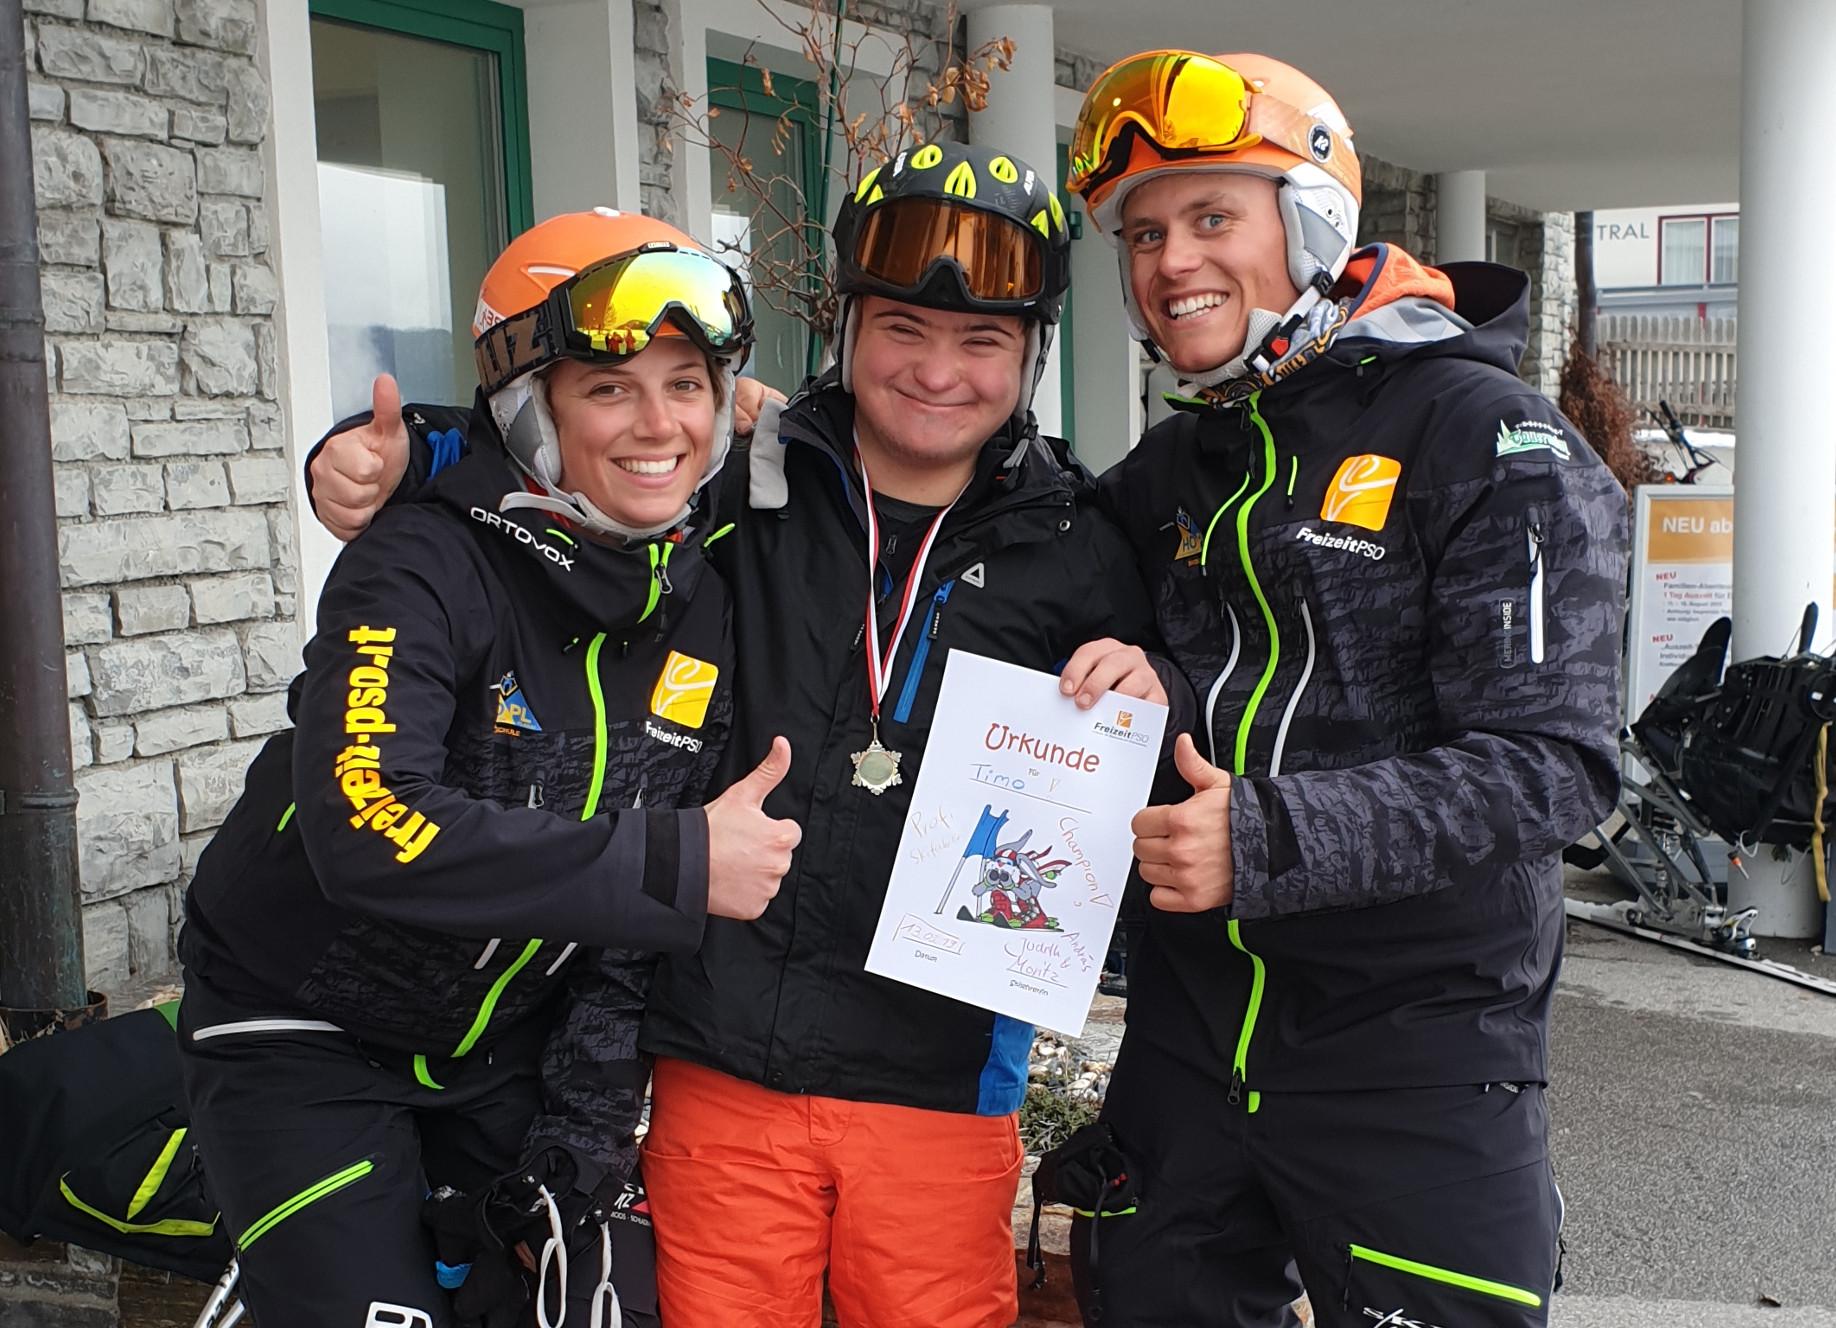 Job als Skilehrer für Menschen mit Behinderung